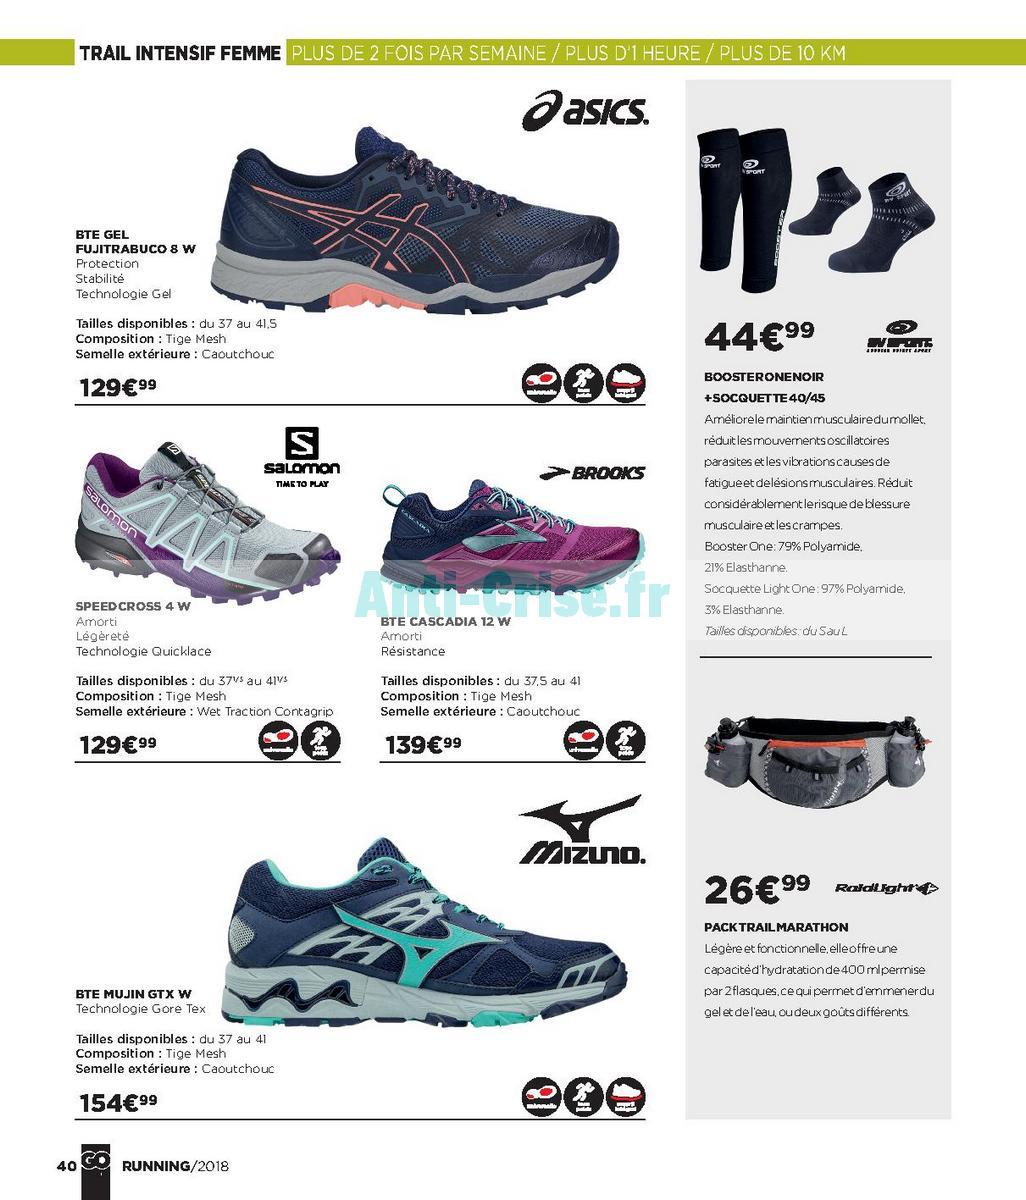 septembre2018 Catalogue Go Sport du 28 avril au 21 septembre 2018 (Running) (40)